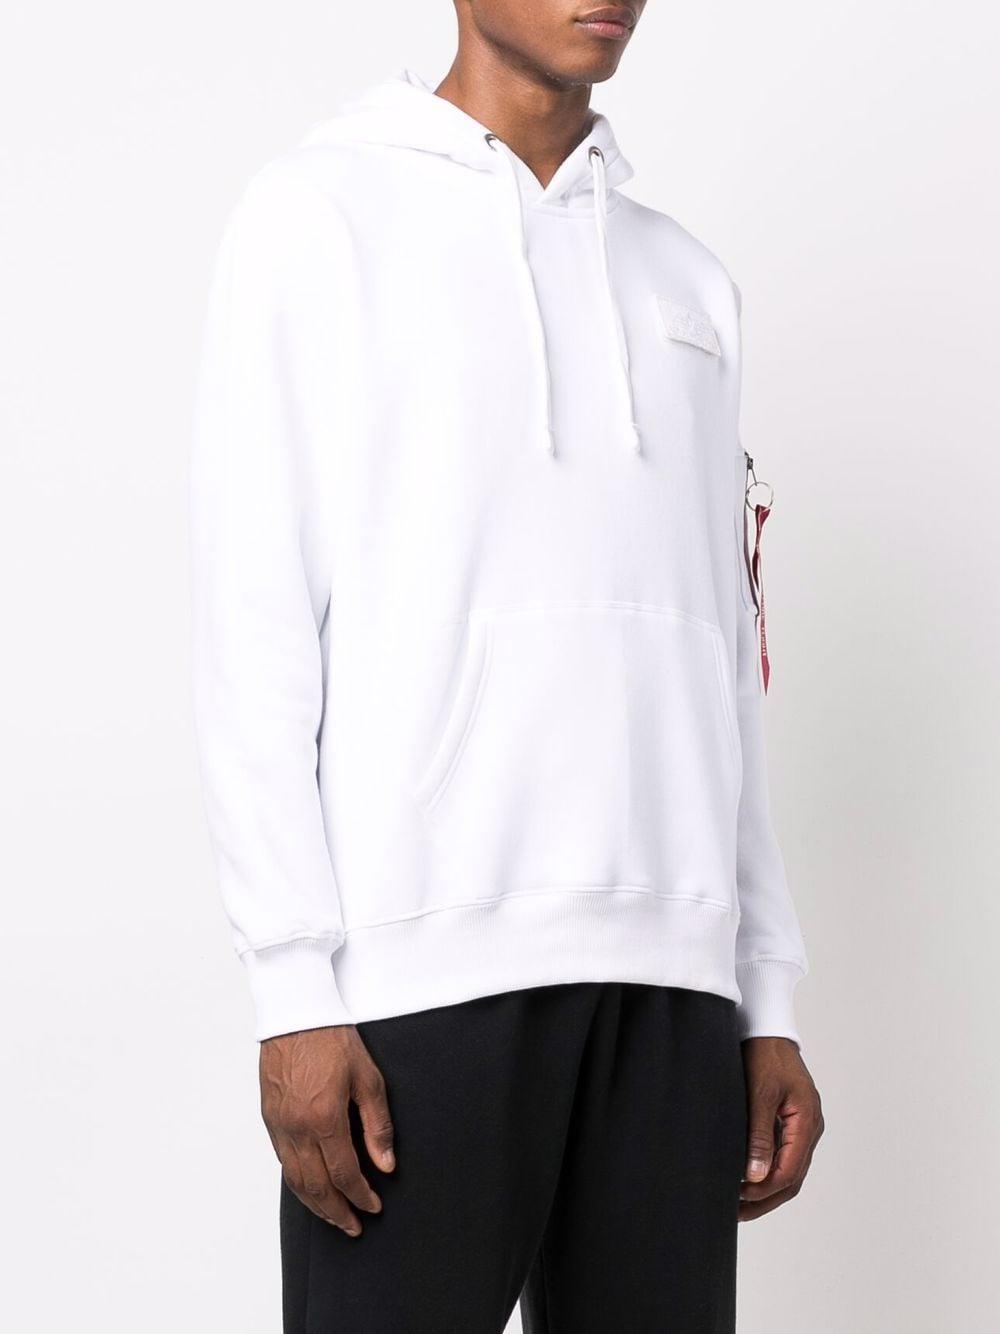 felpa con cappuccio uomo bianca in cotone ALPHA INDUSTRIES | Felpe | 17831409